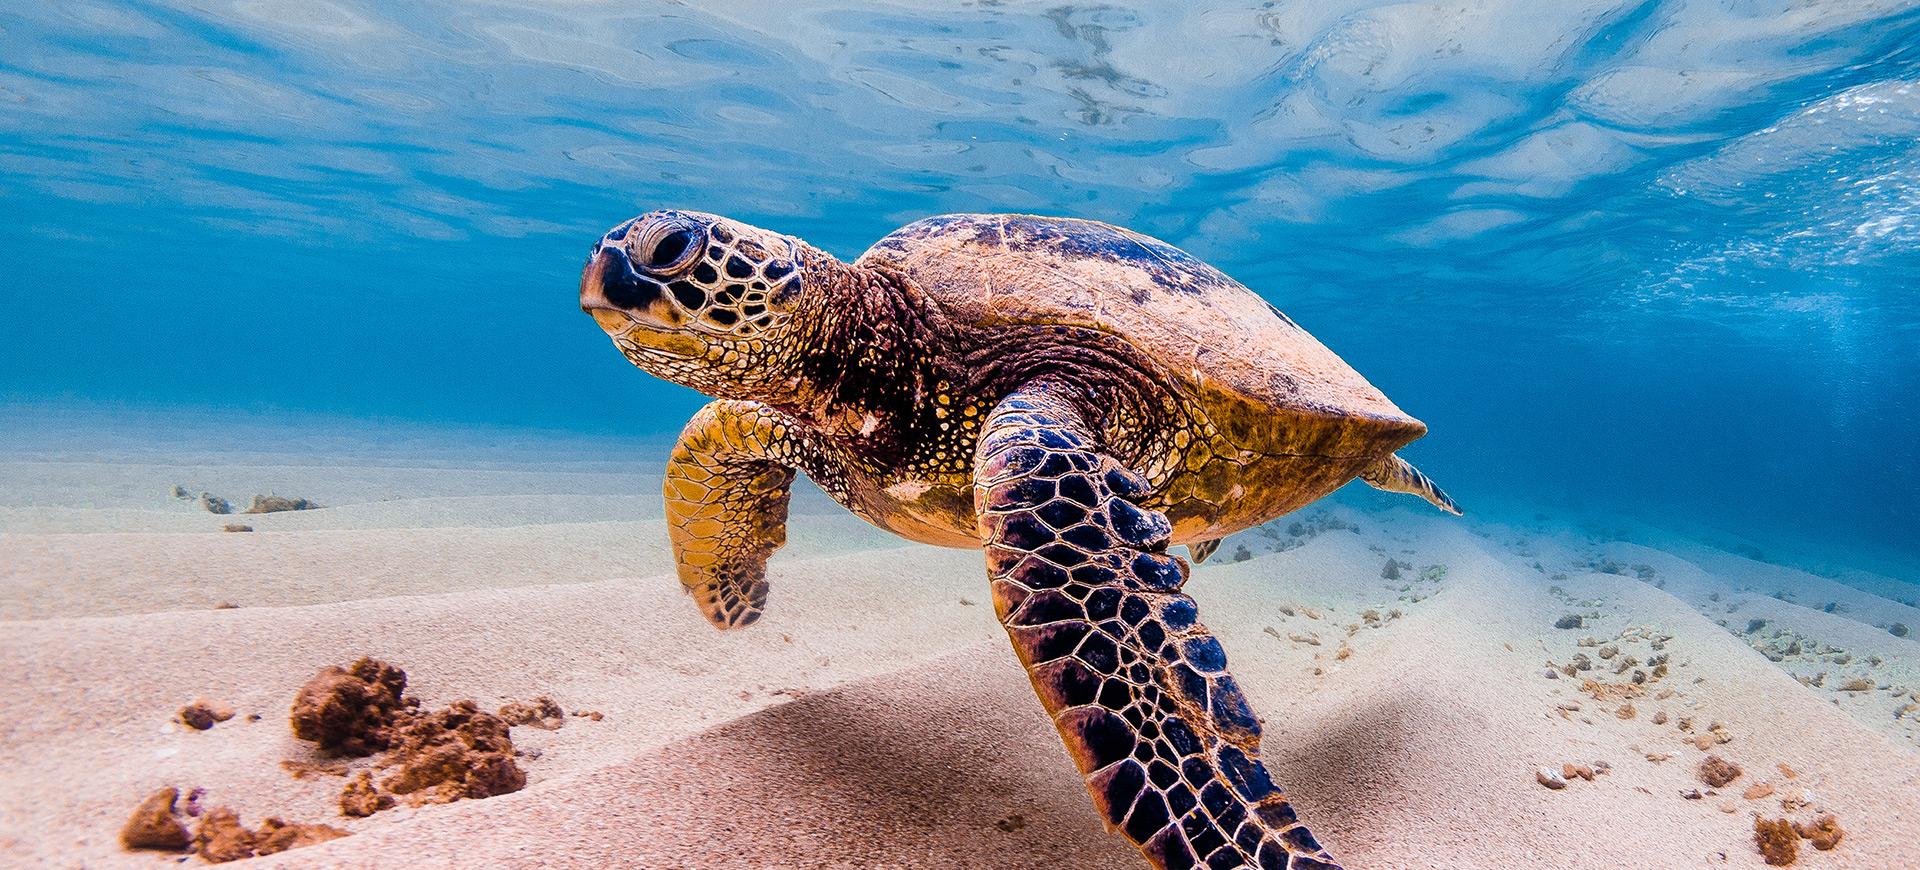 Célébrons la journée mondiale de la tortue!